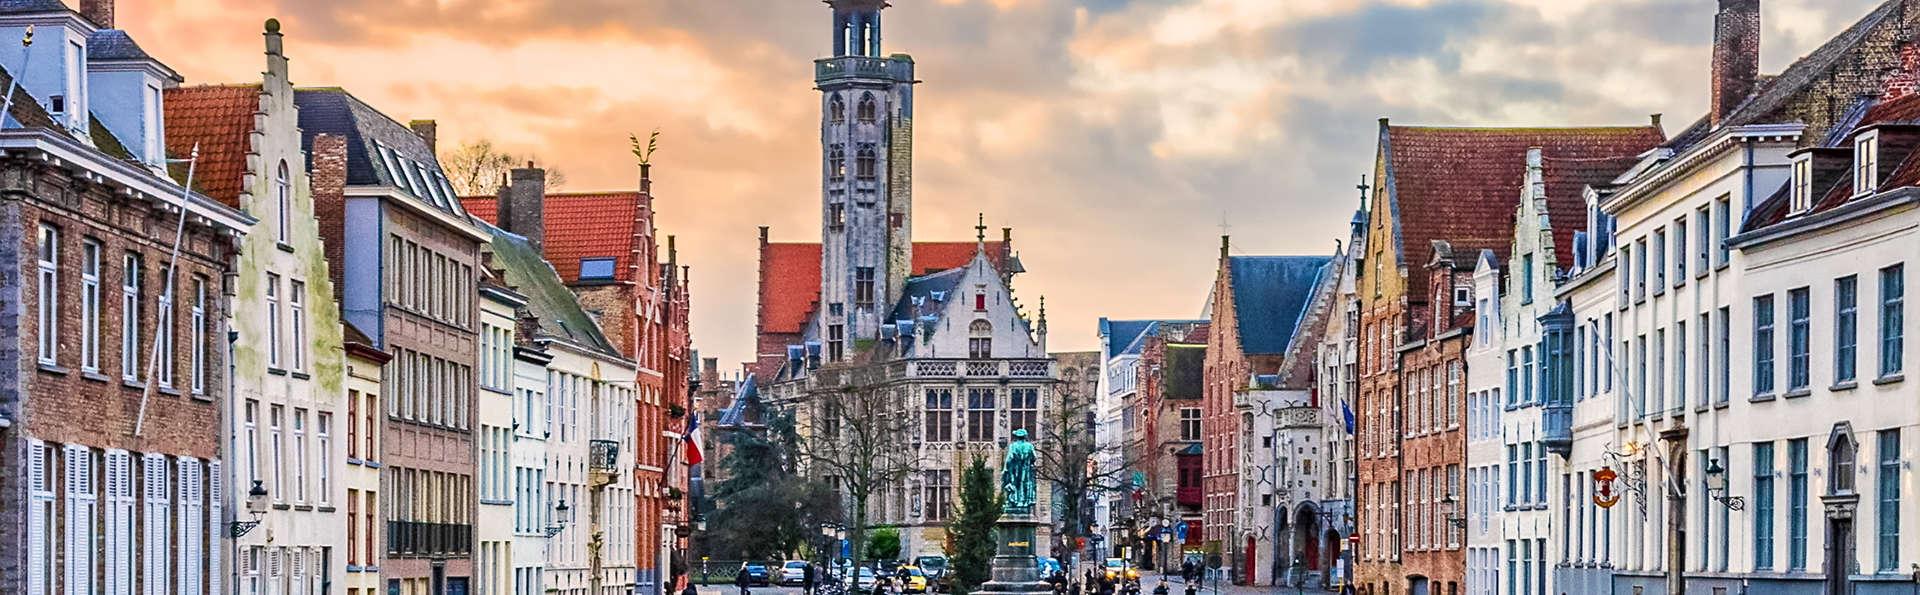 Découvrez la belle ville historique de Bruges